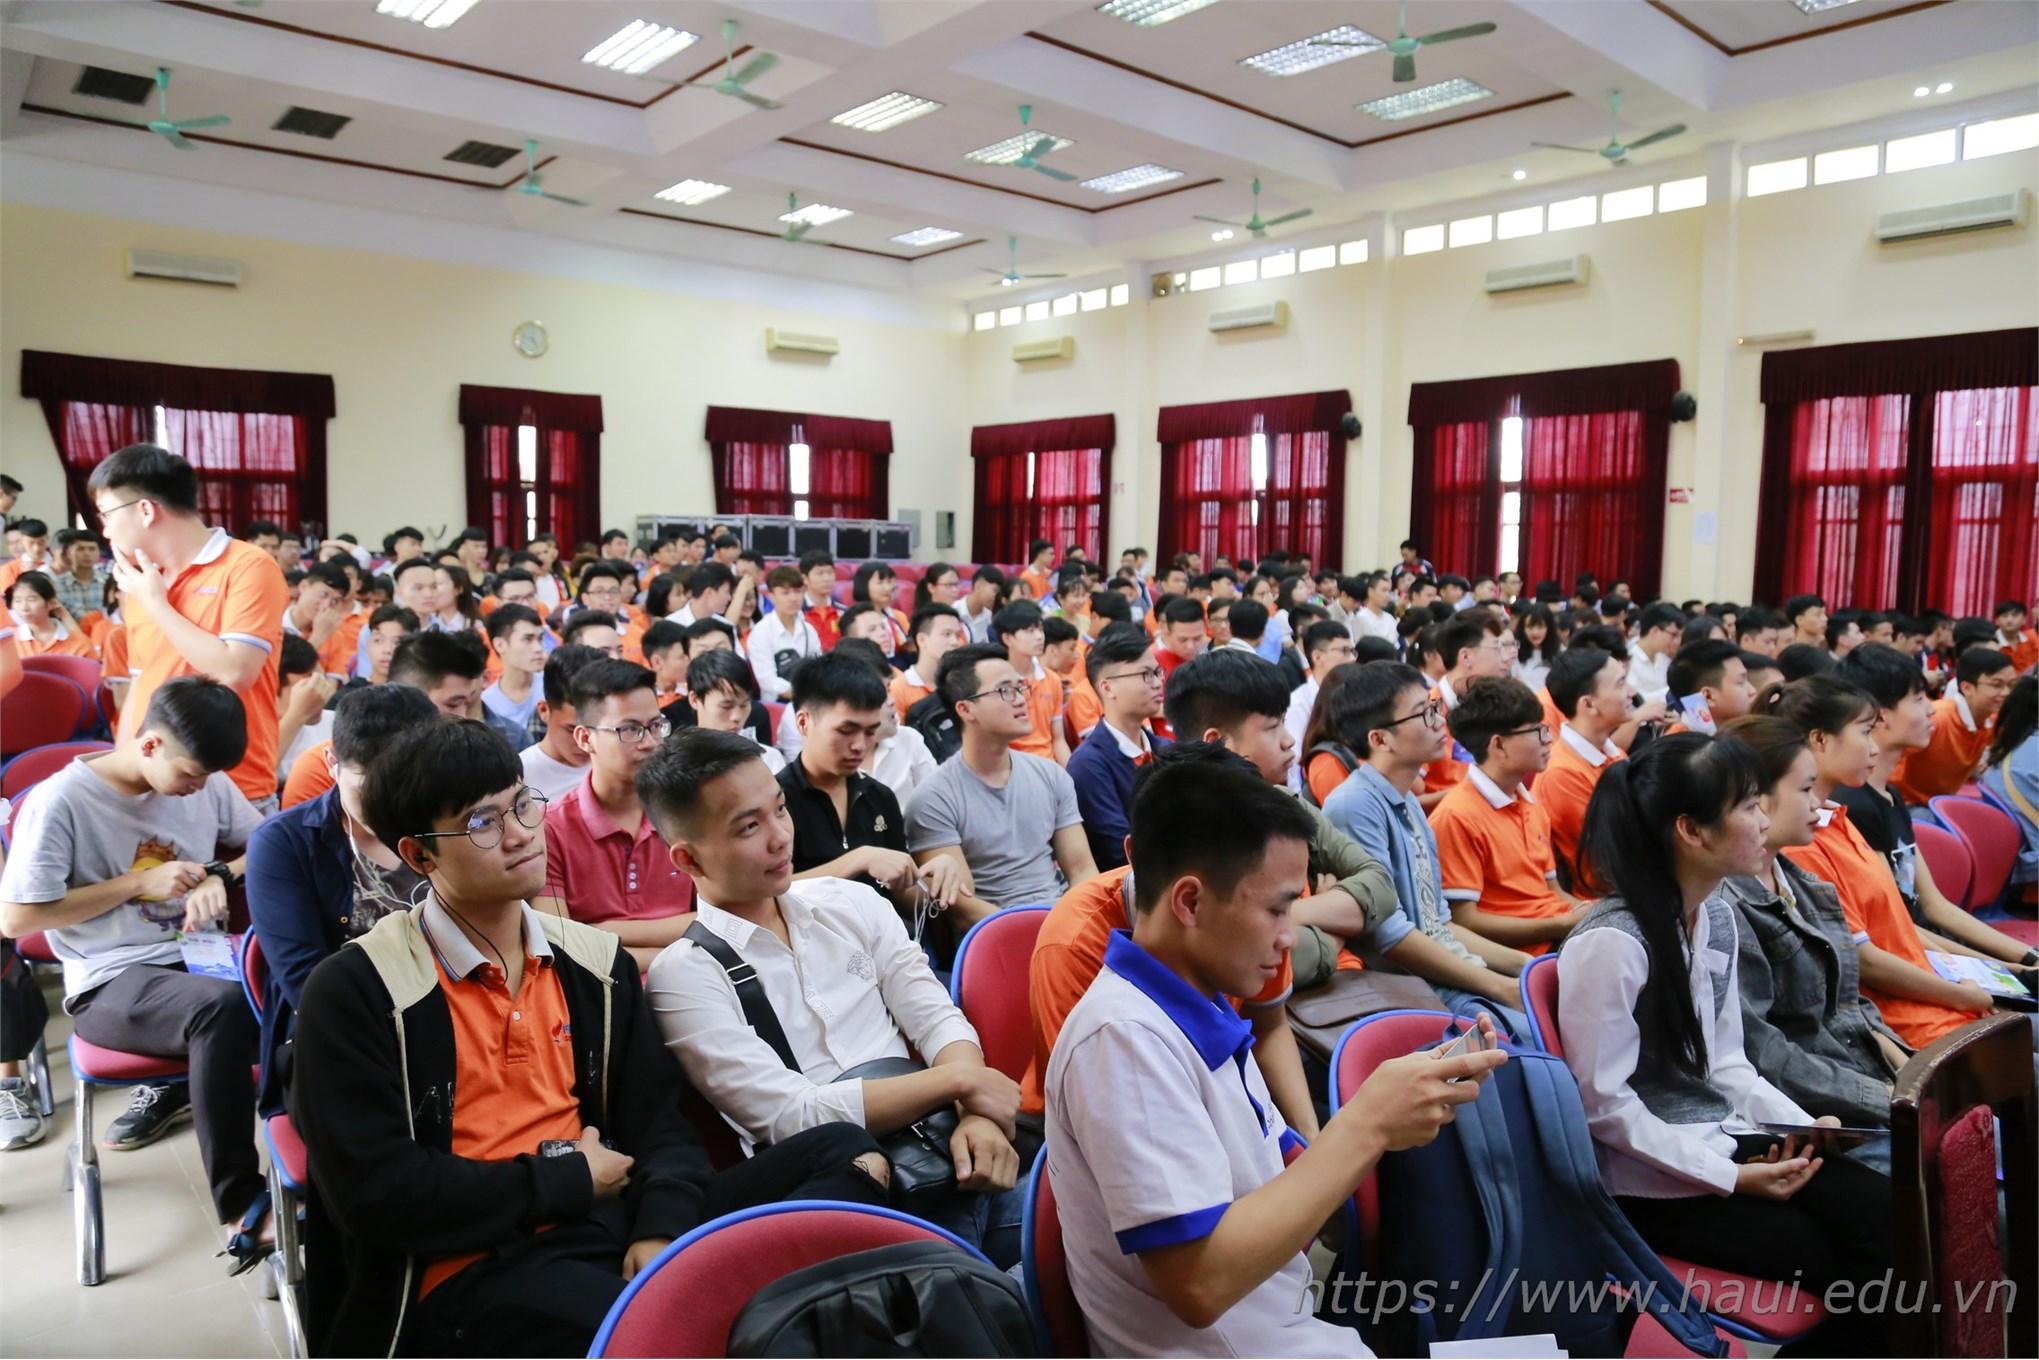 Hàng trăm cơ hội việc làm, chương trình học bổng toàn phần cho sinh viên Đại học Công nghiệp Hà Nội